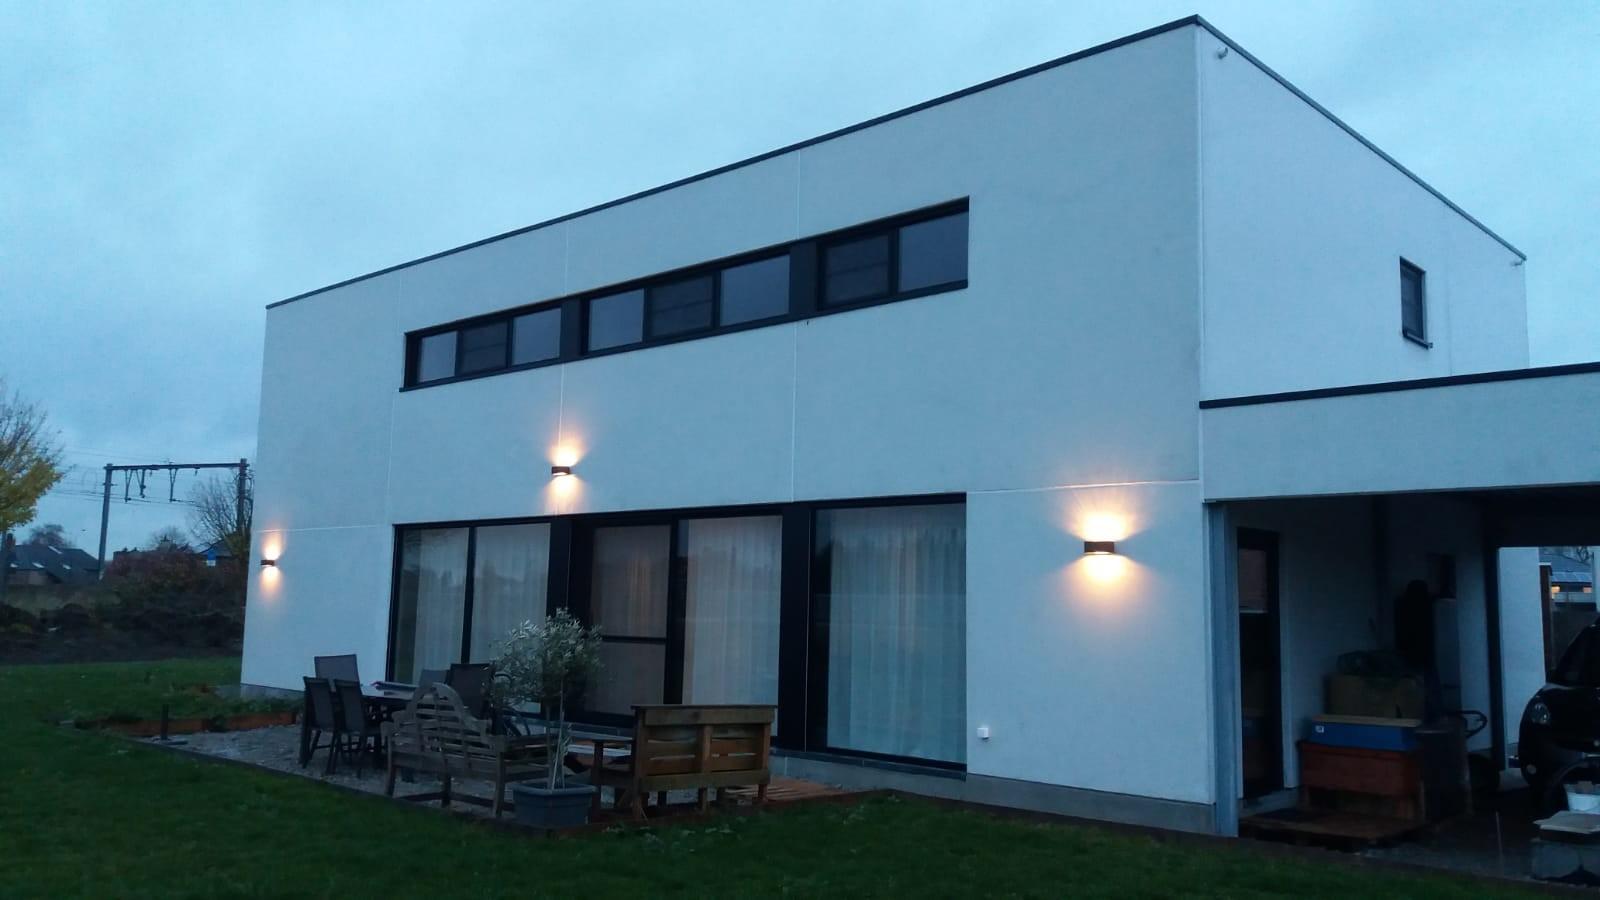 Maison avec des panneaux en béton blancs